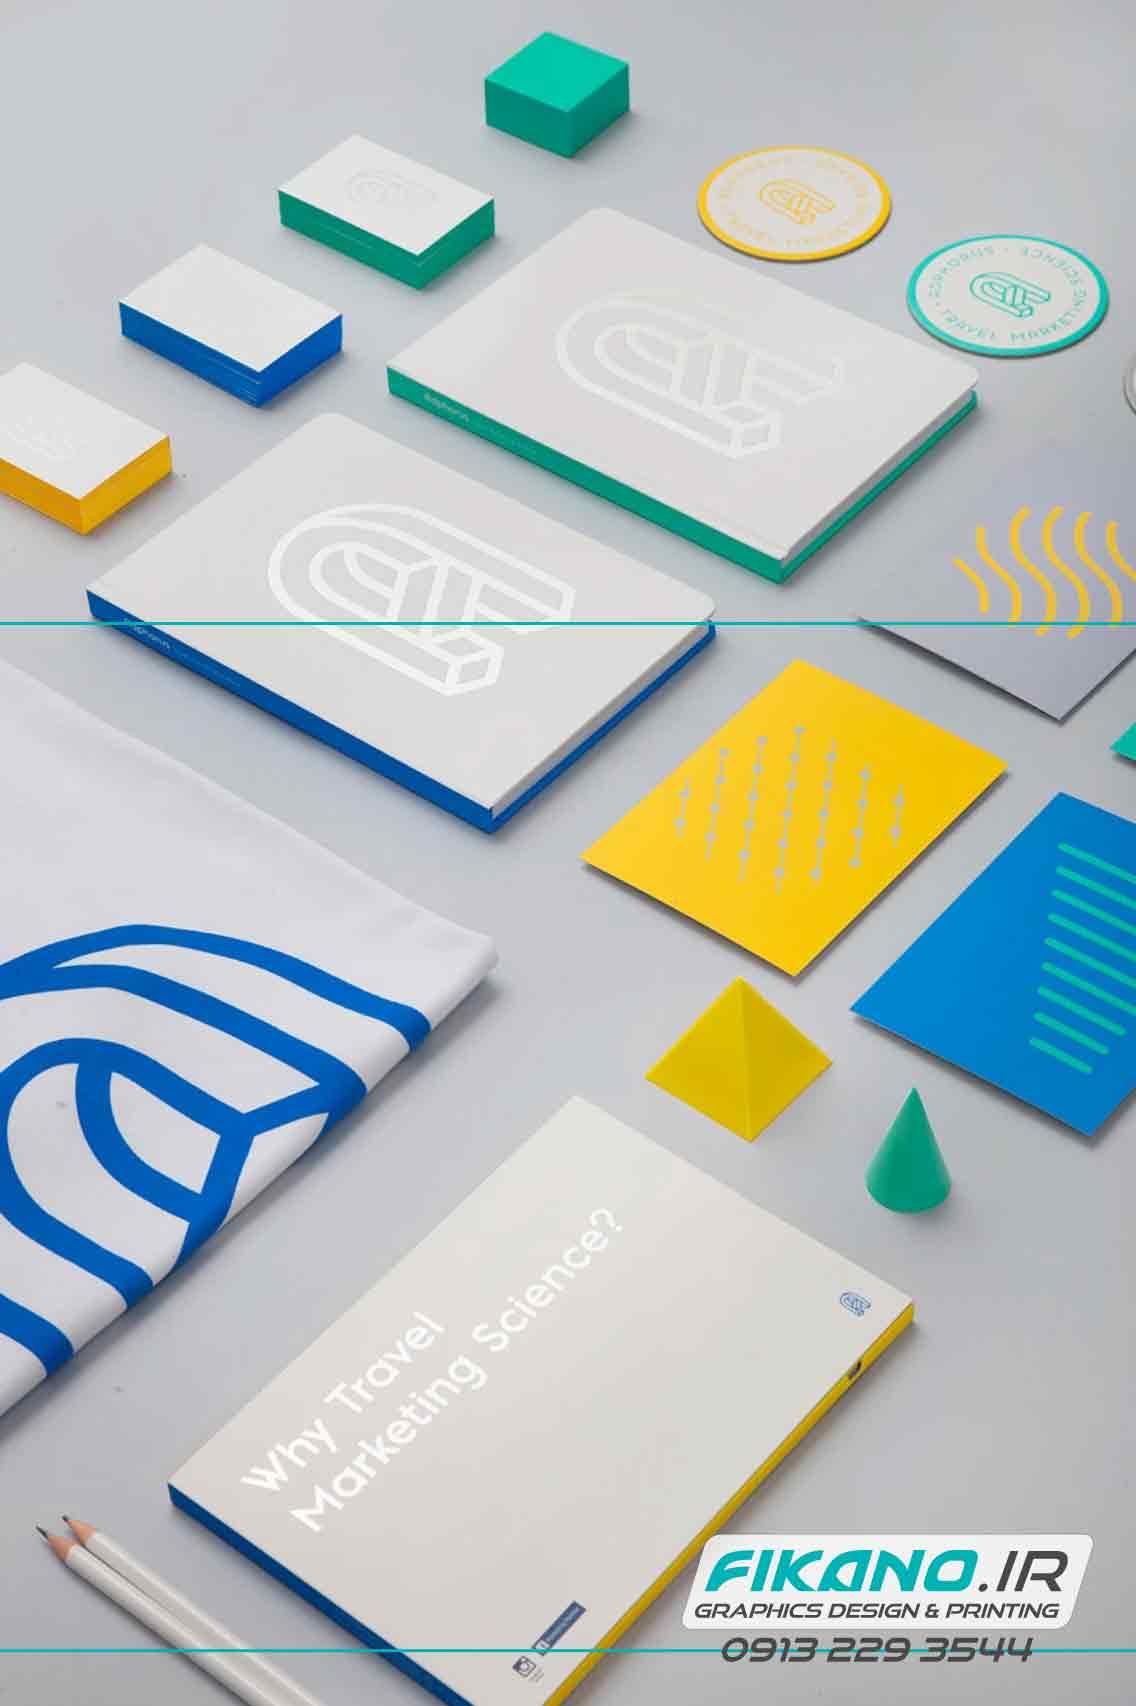 سفارش طراحی برند و لوگو حرفه ای - سایت فیکانو www.fikano.ir